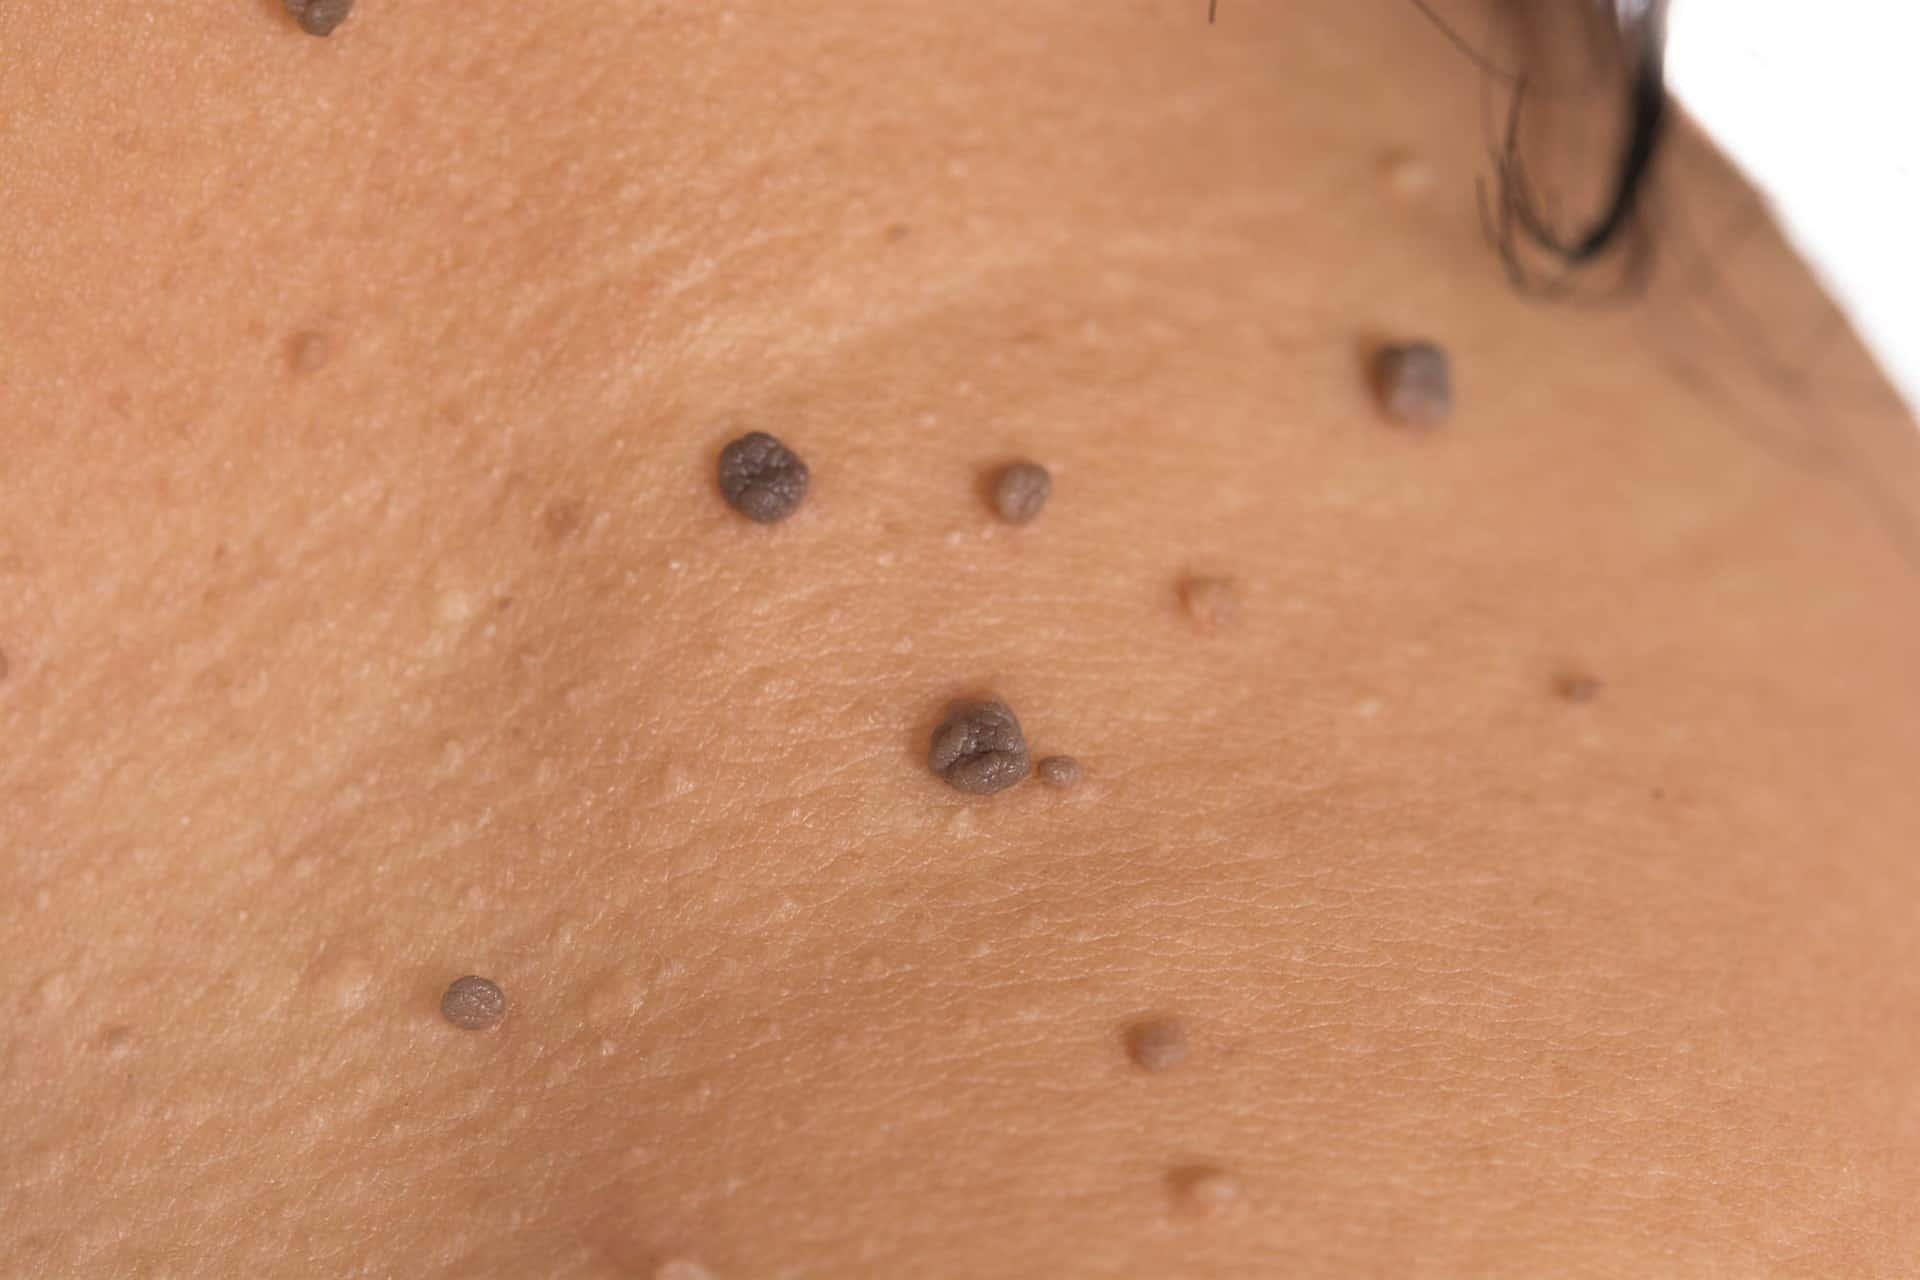 imagenes de papiloma humano en la cara